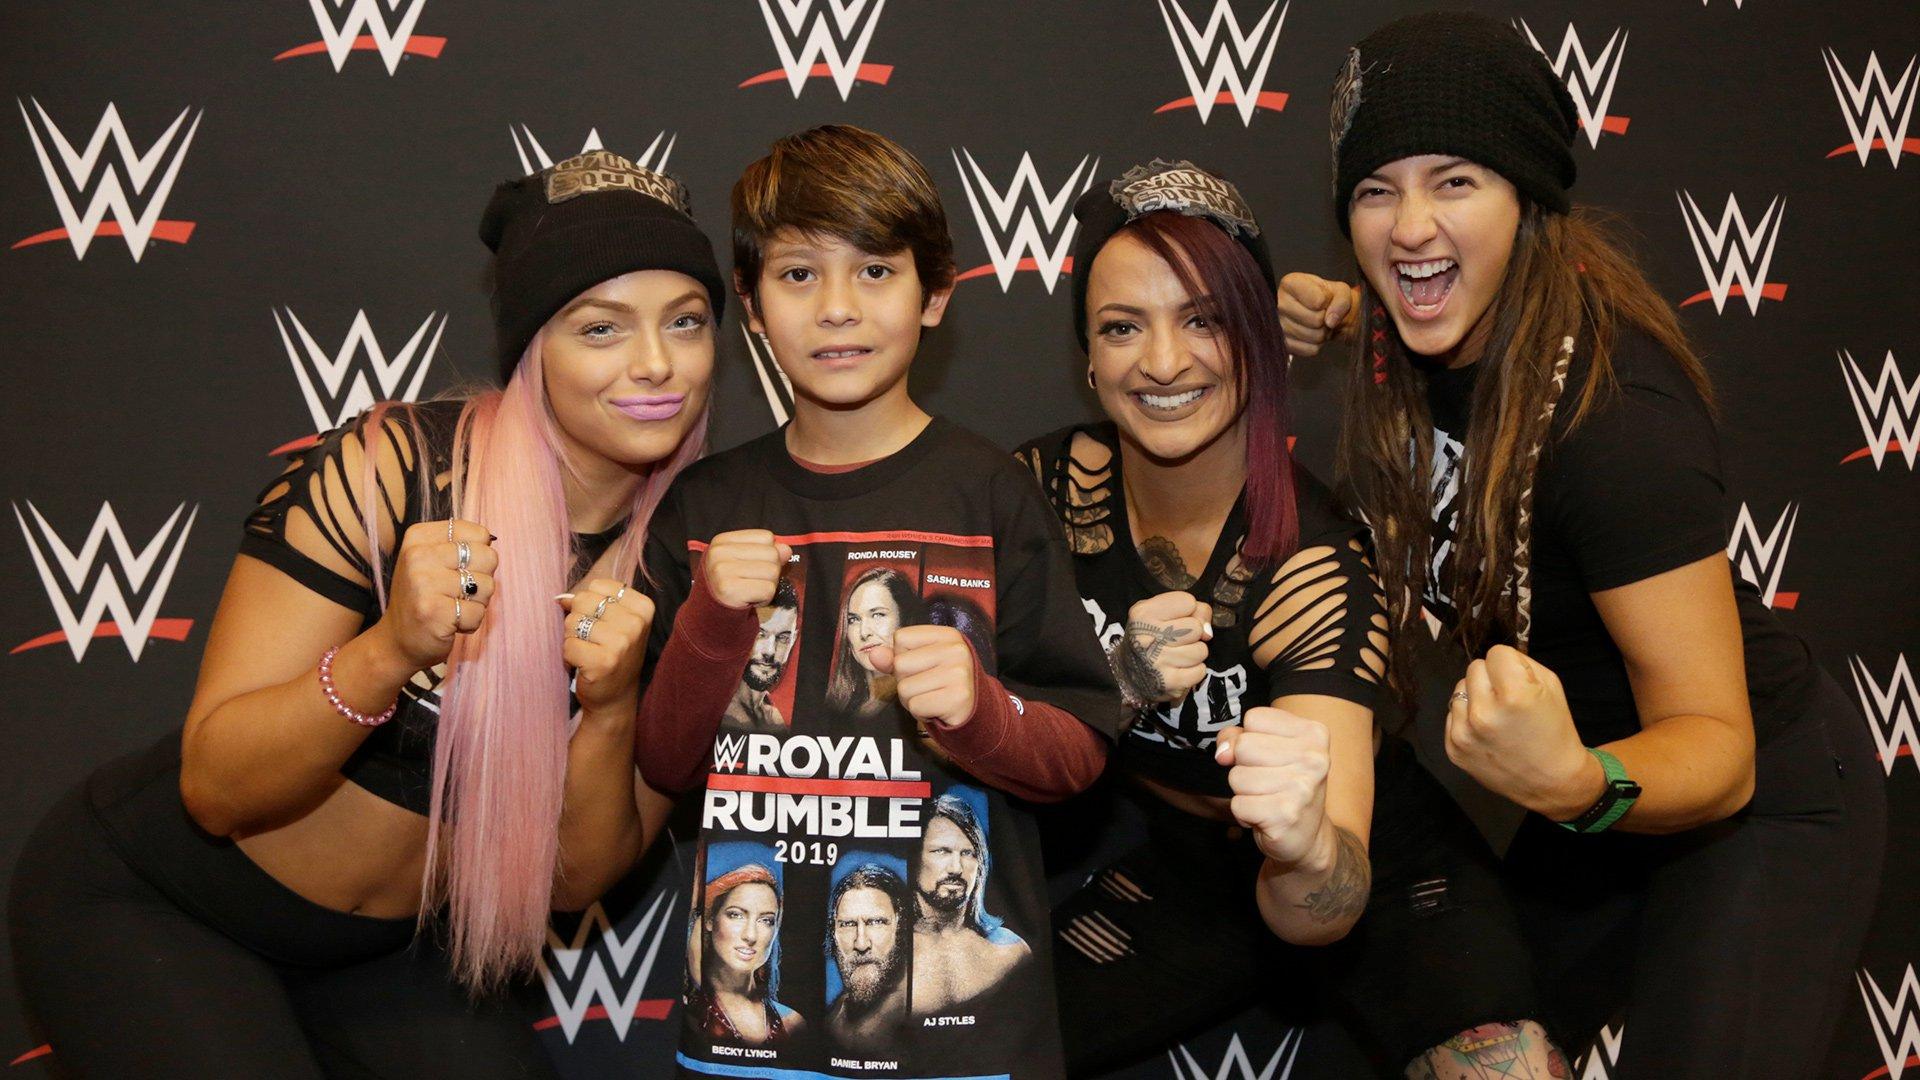 Royal Rumble Axxess 2019 - Day 3: photos